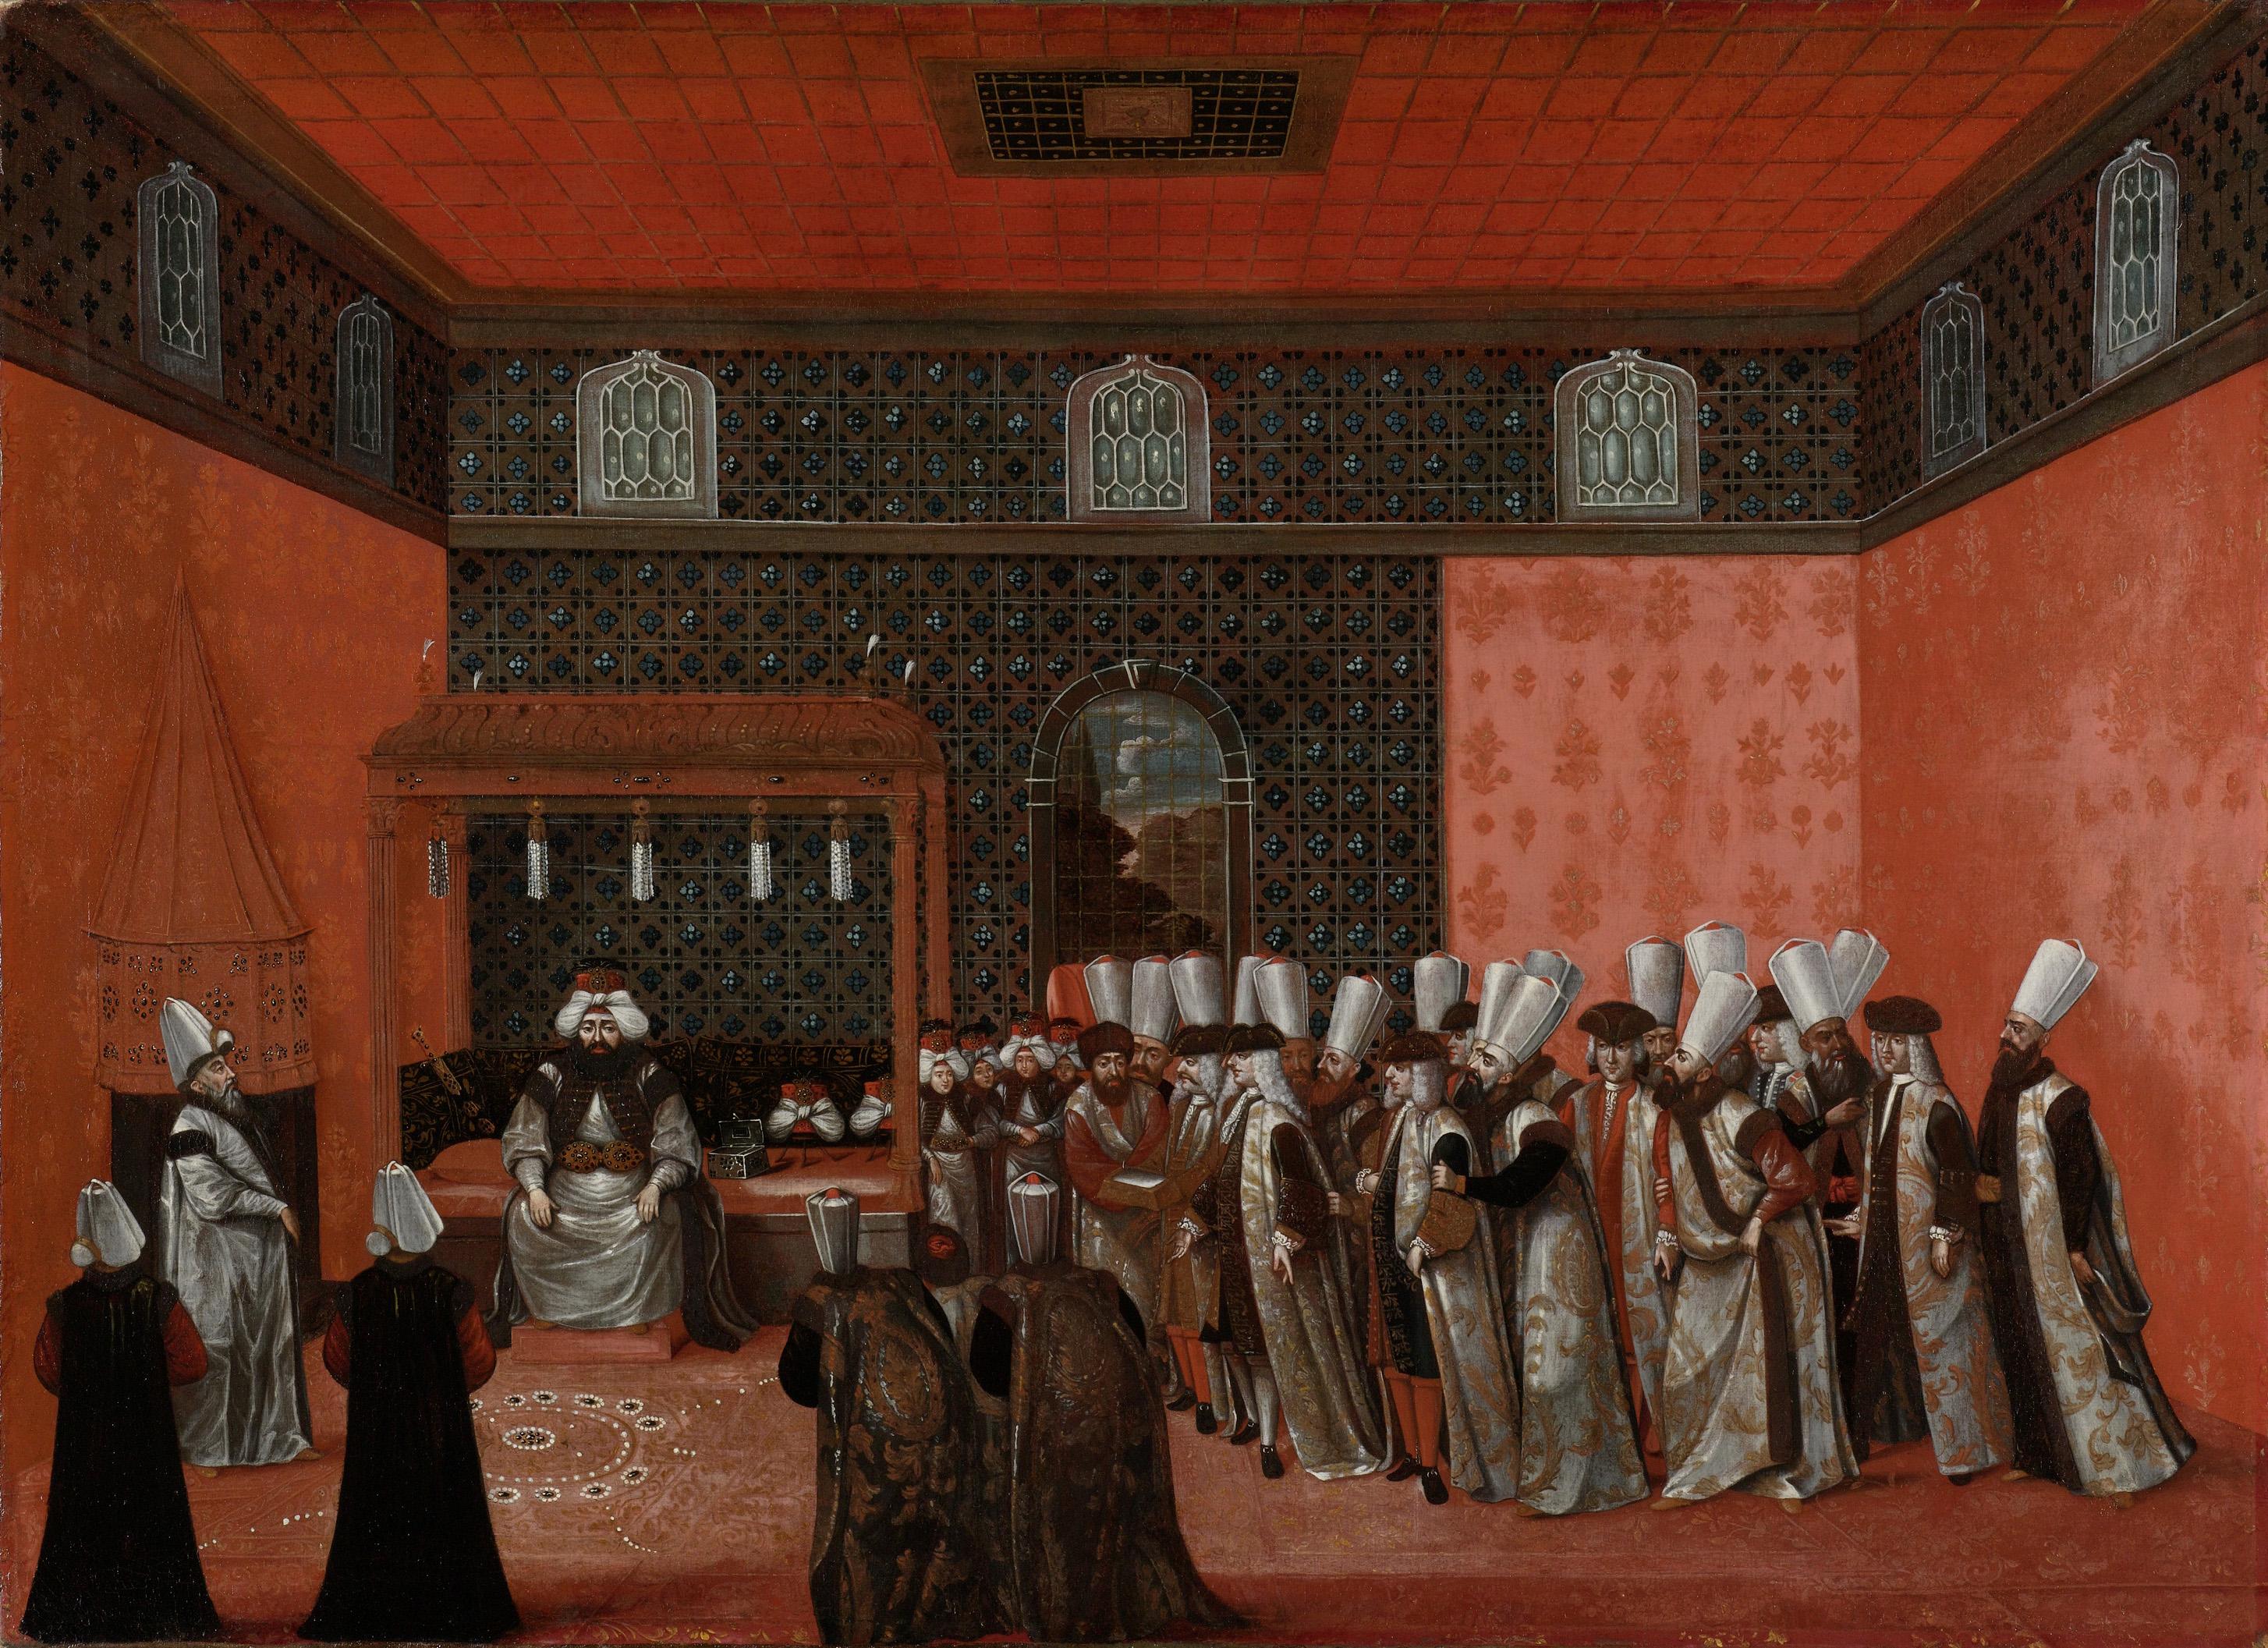 картинки османская империя султаны интересные